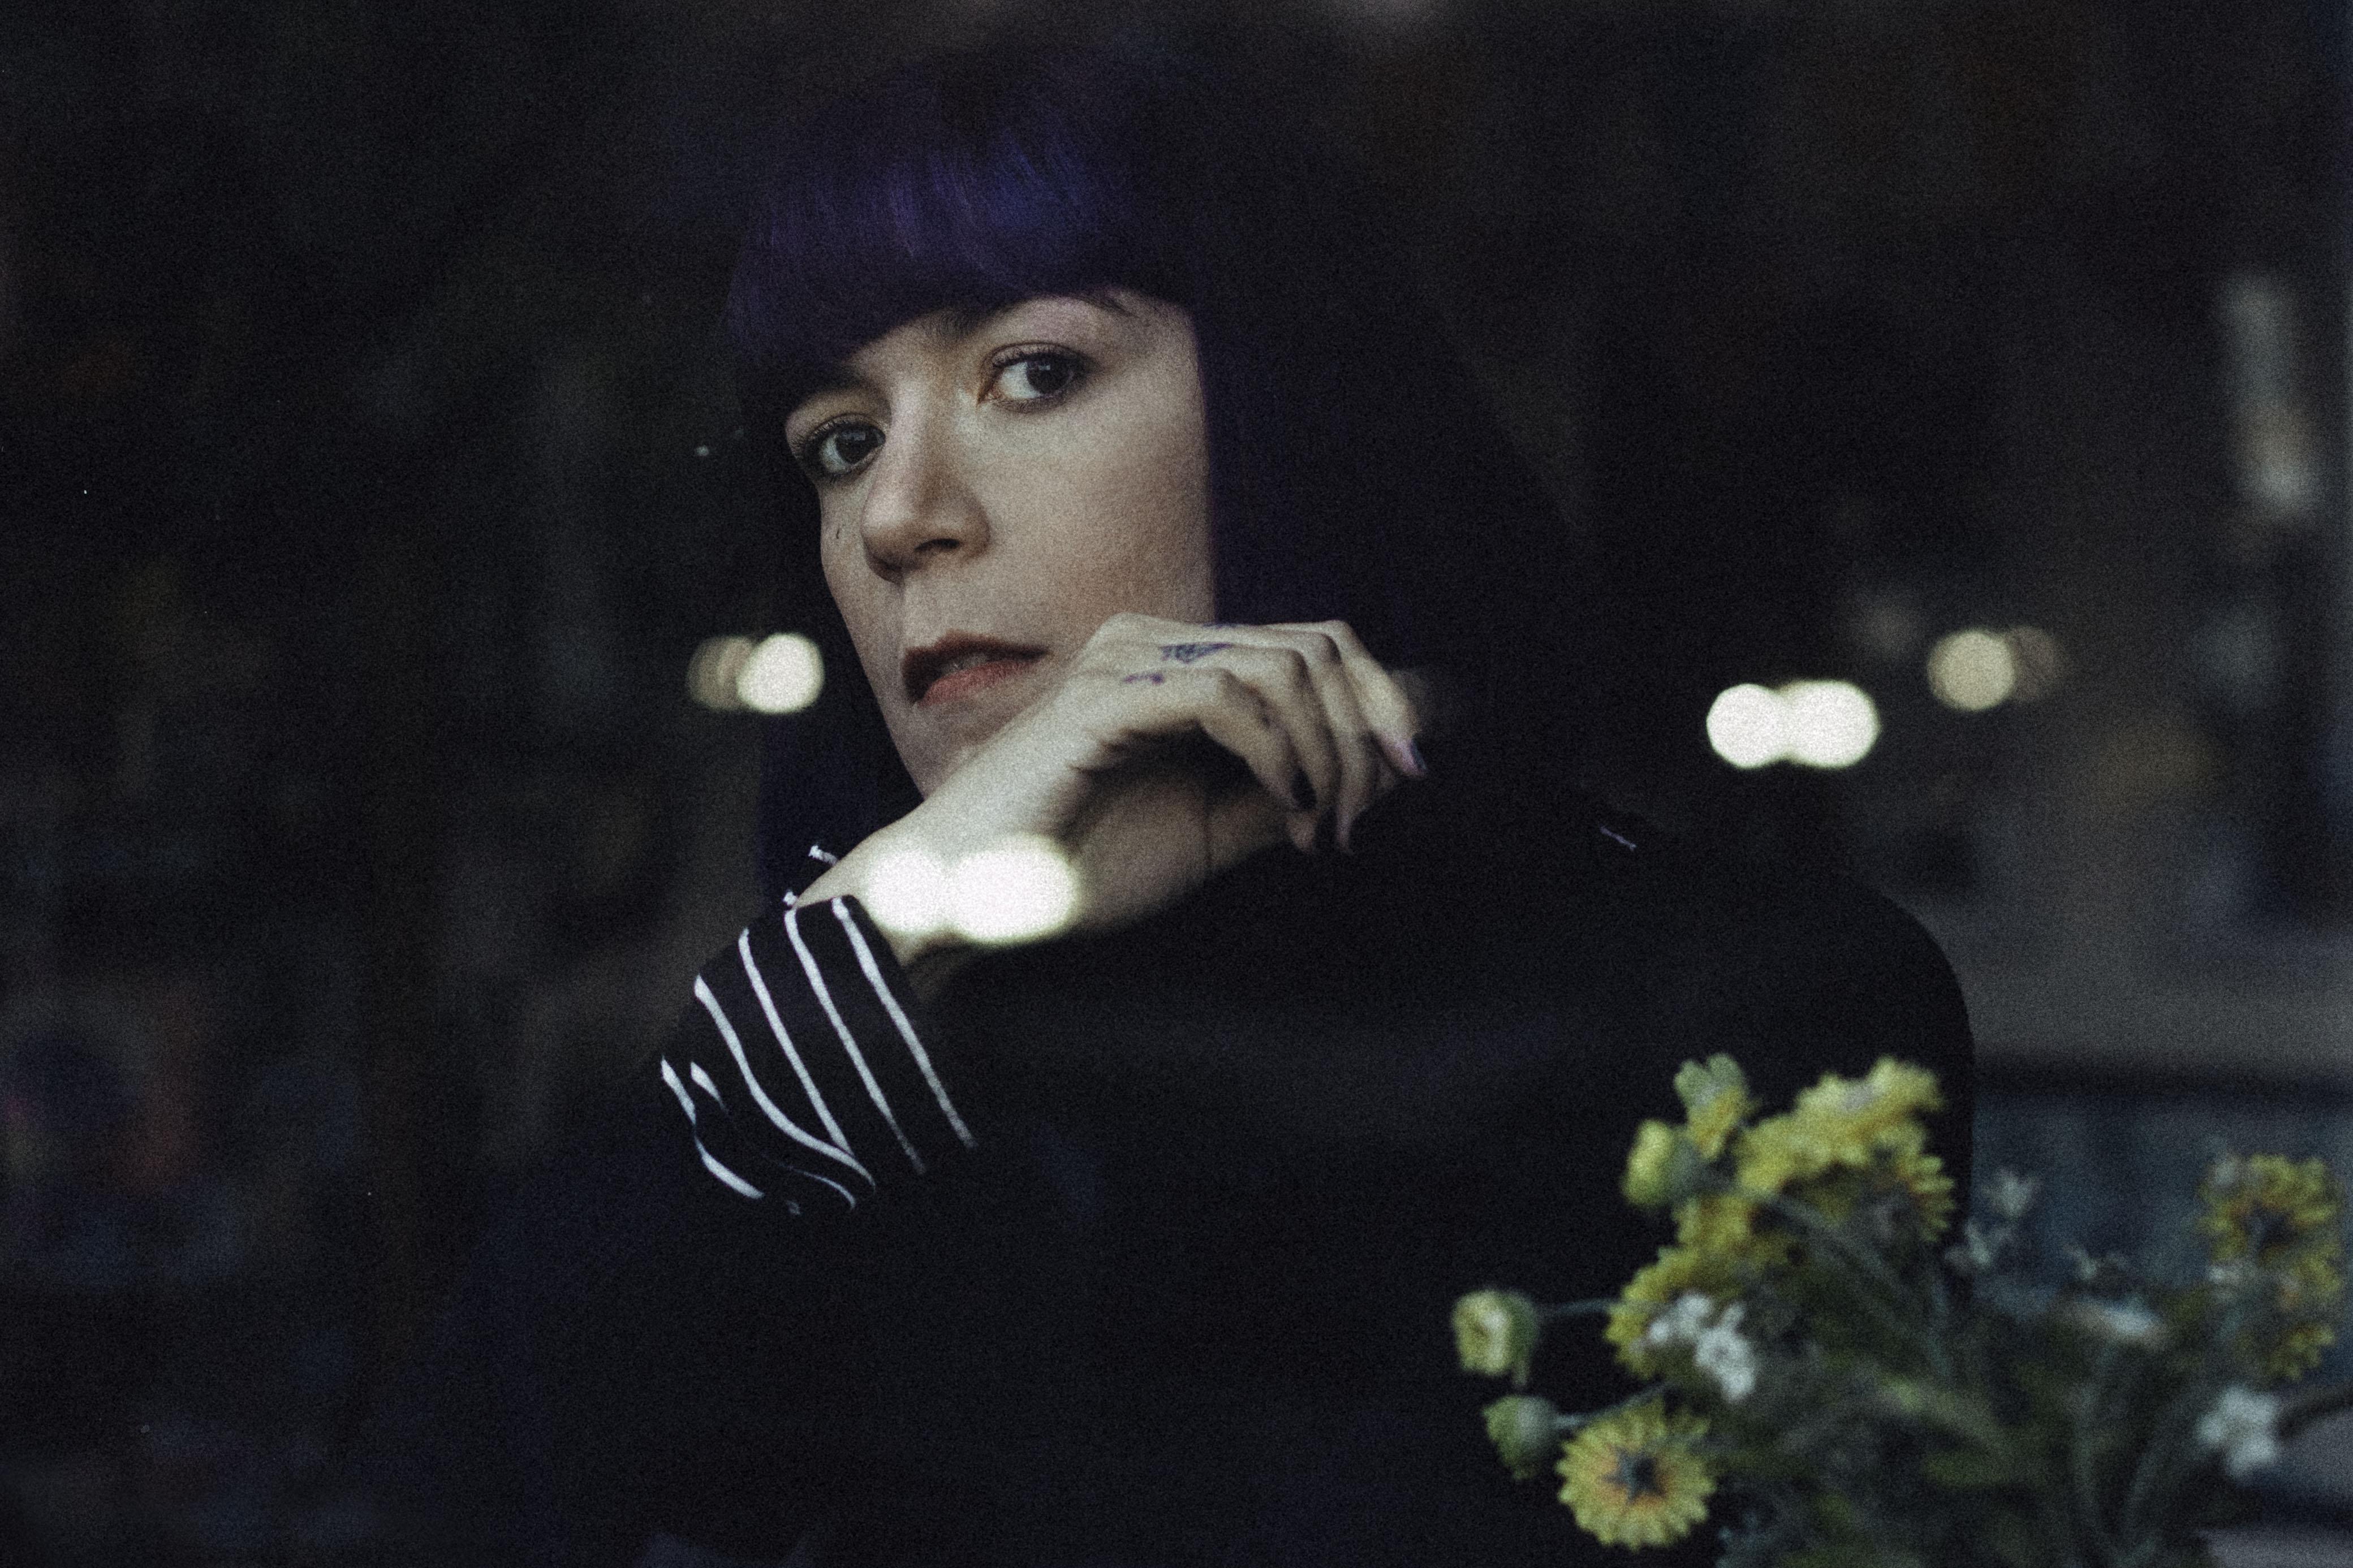 Felicia Morales presenta su expansivo synthpop en